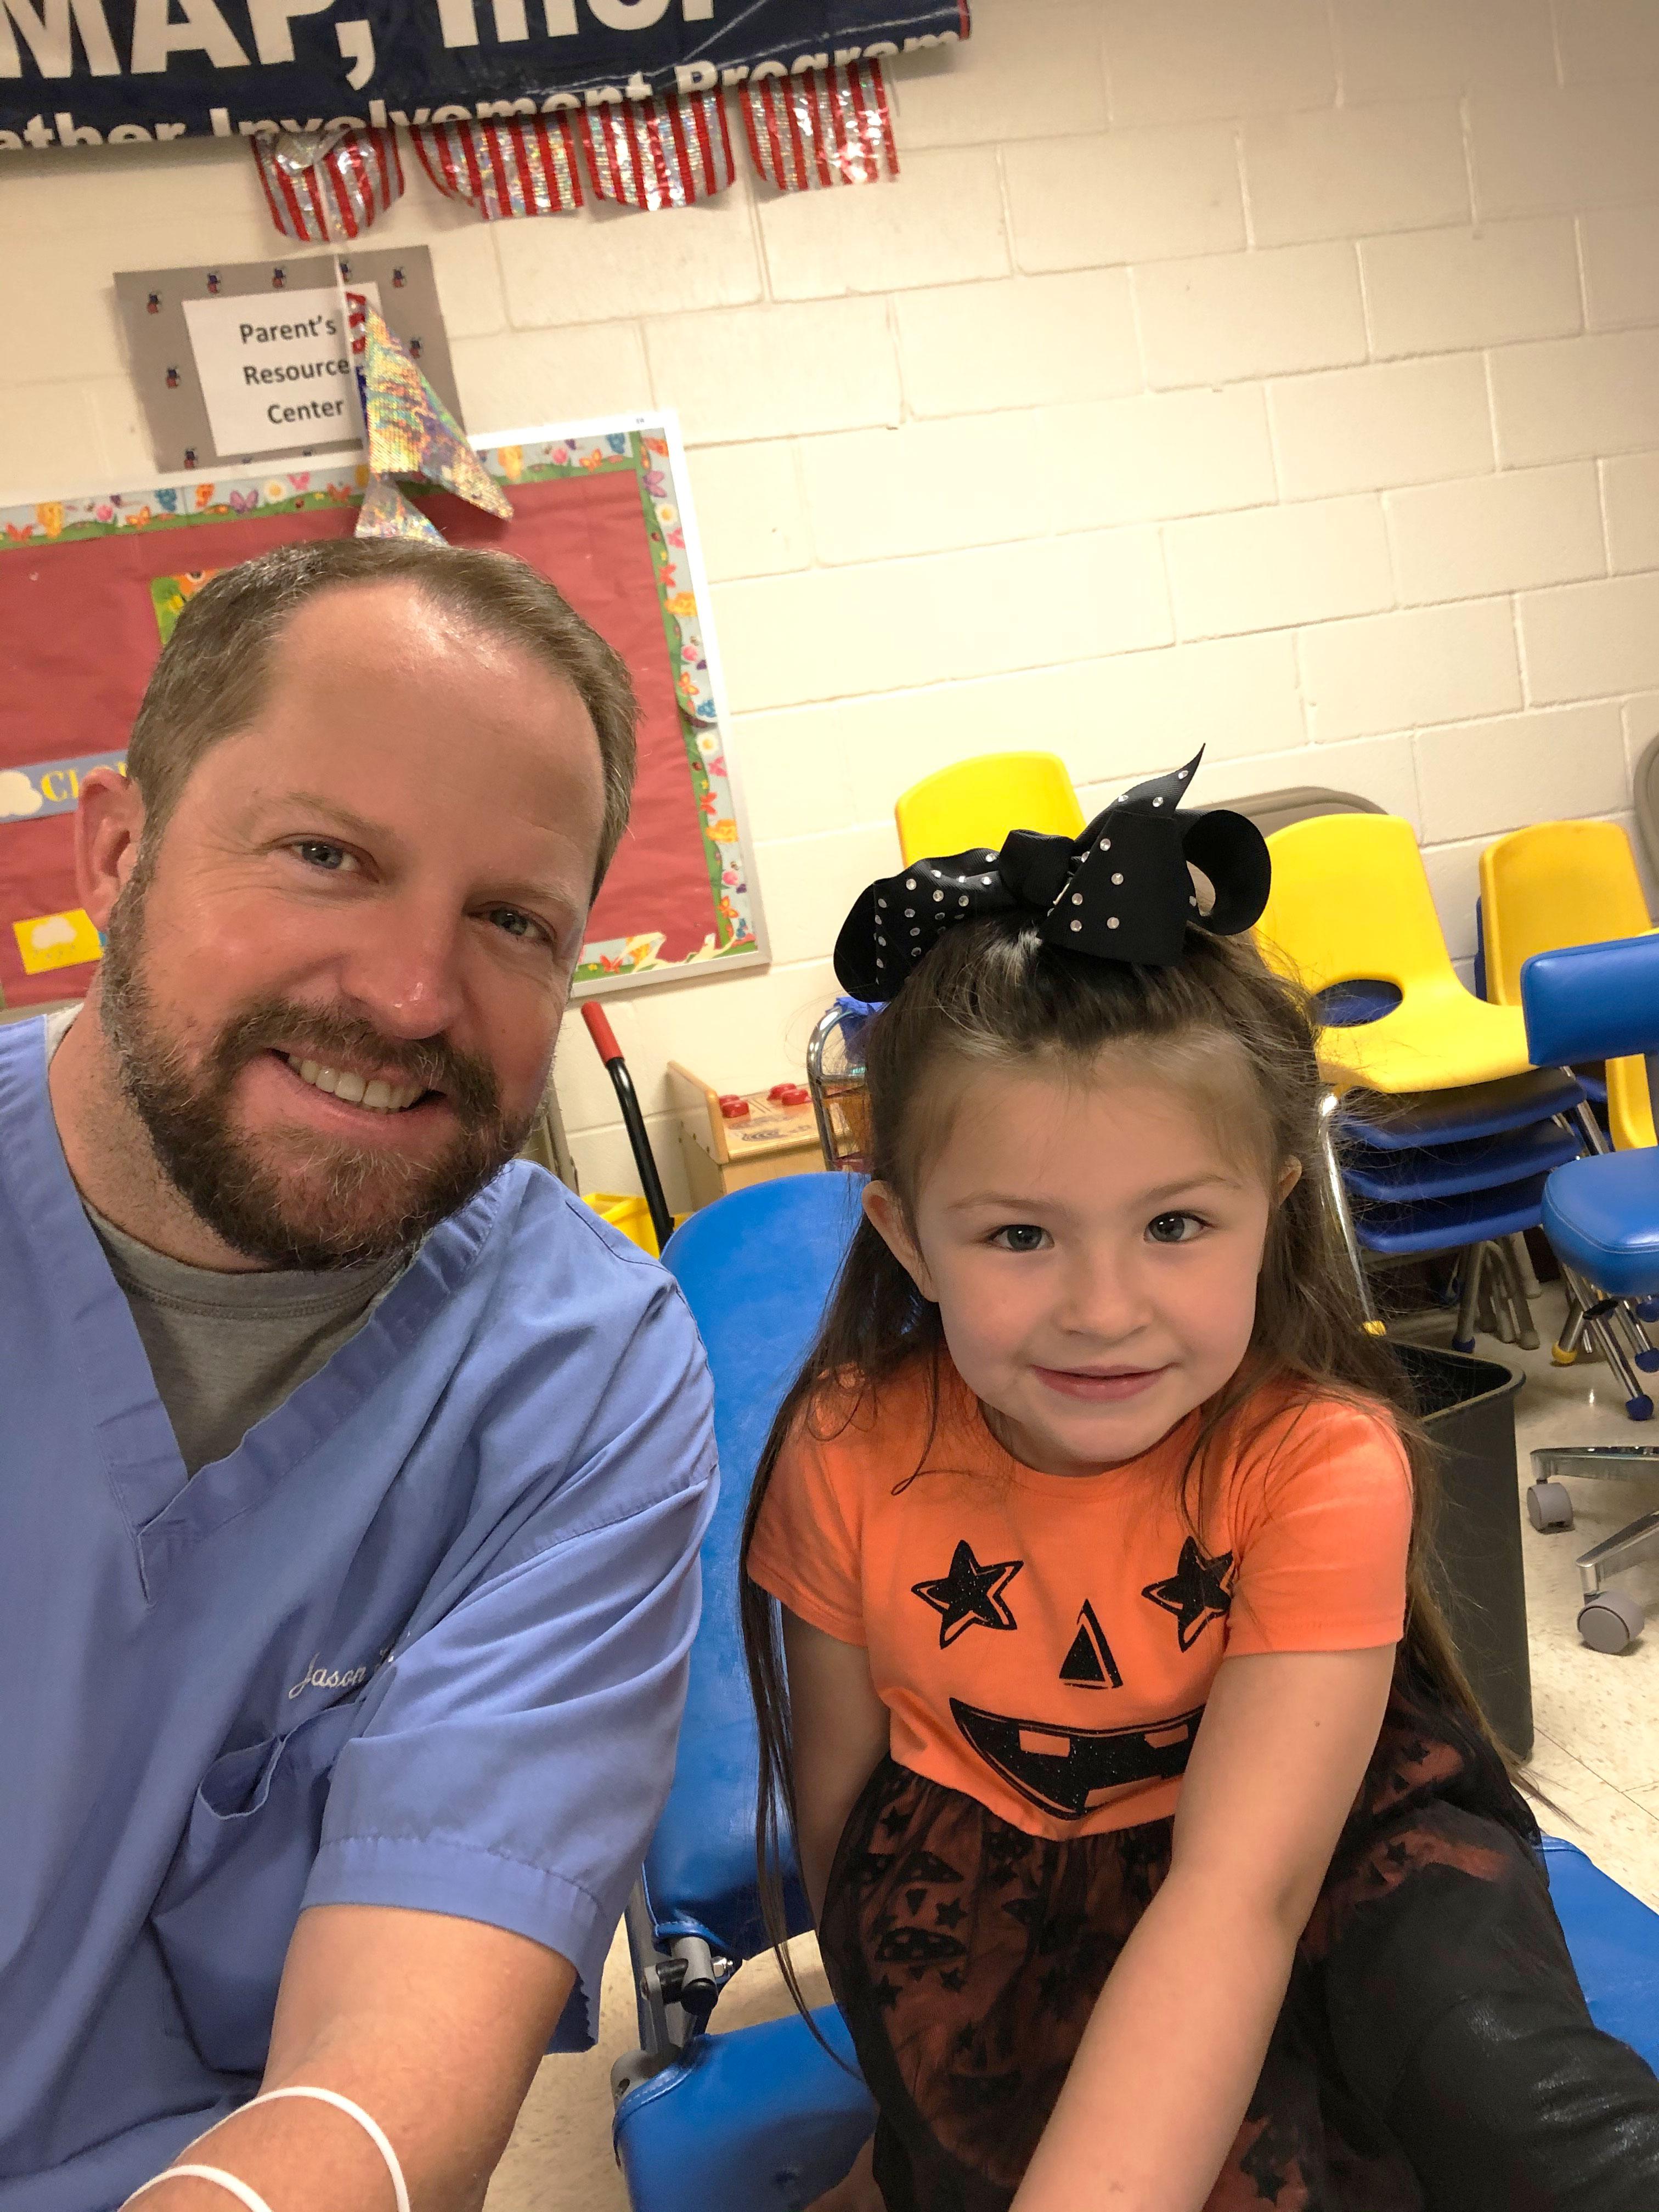 Dr. Leach & Patient